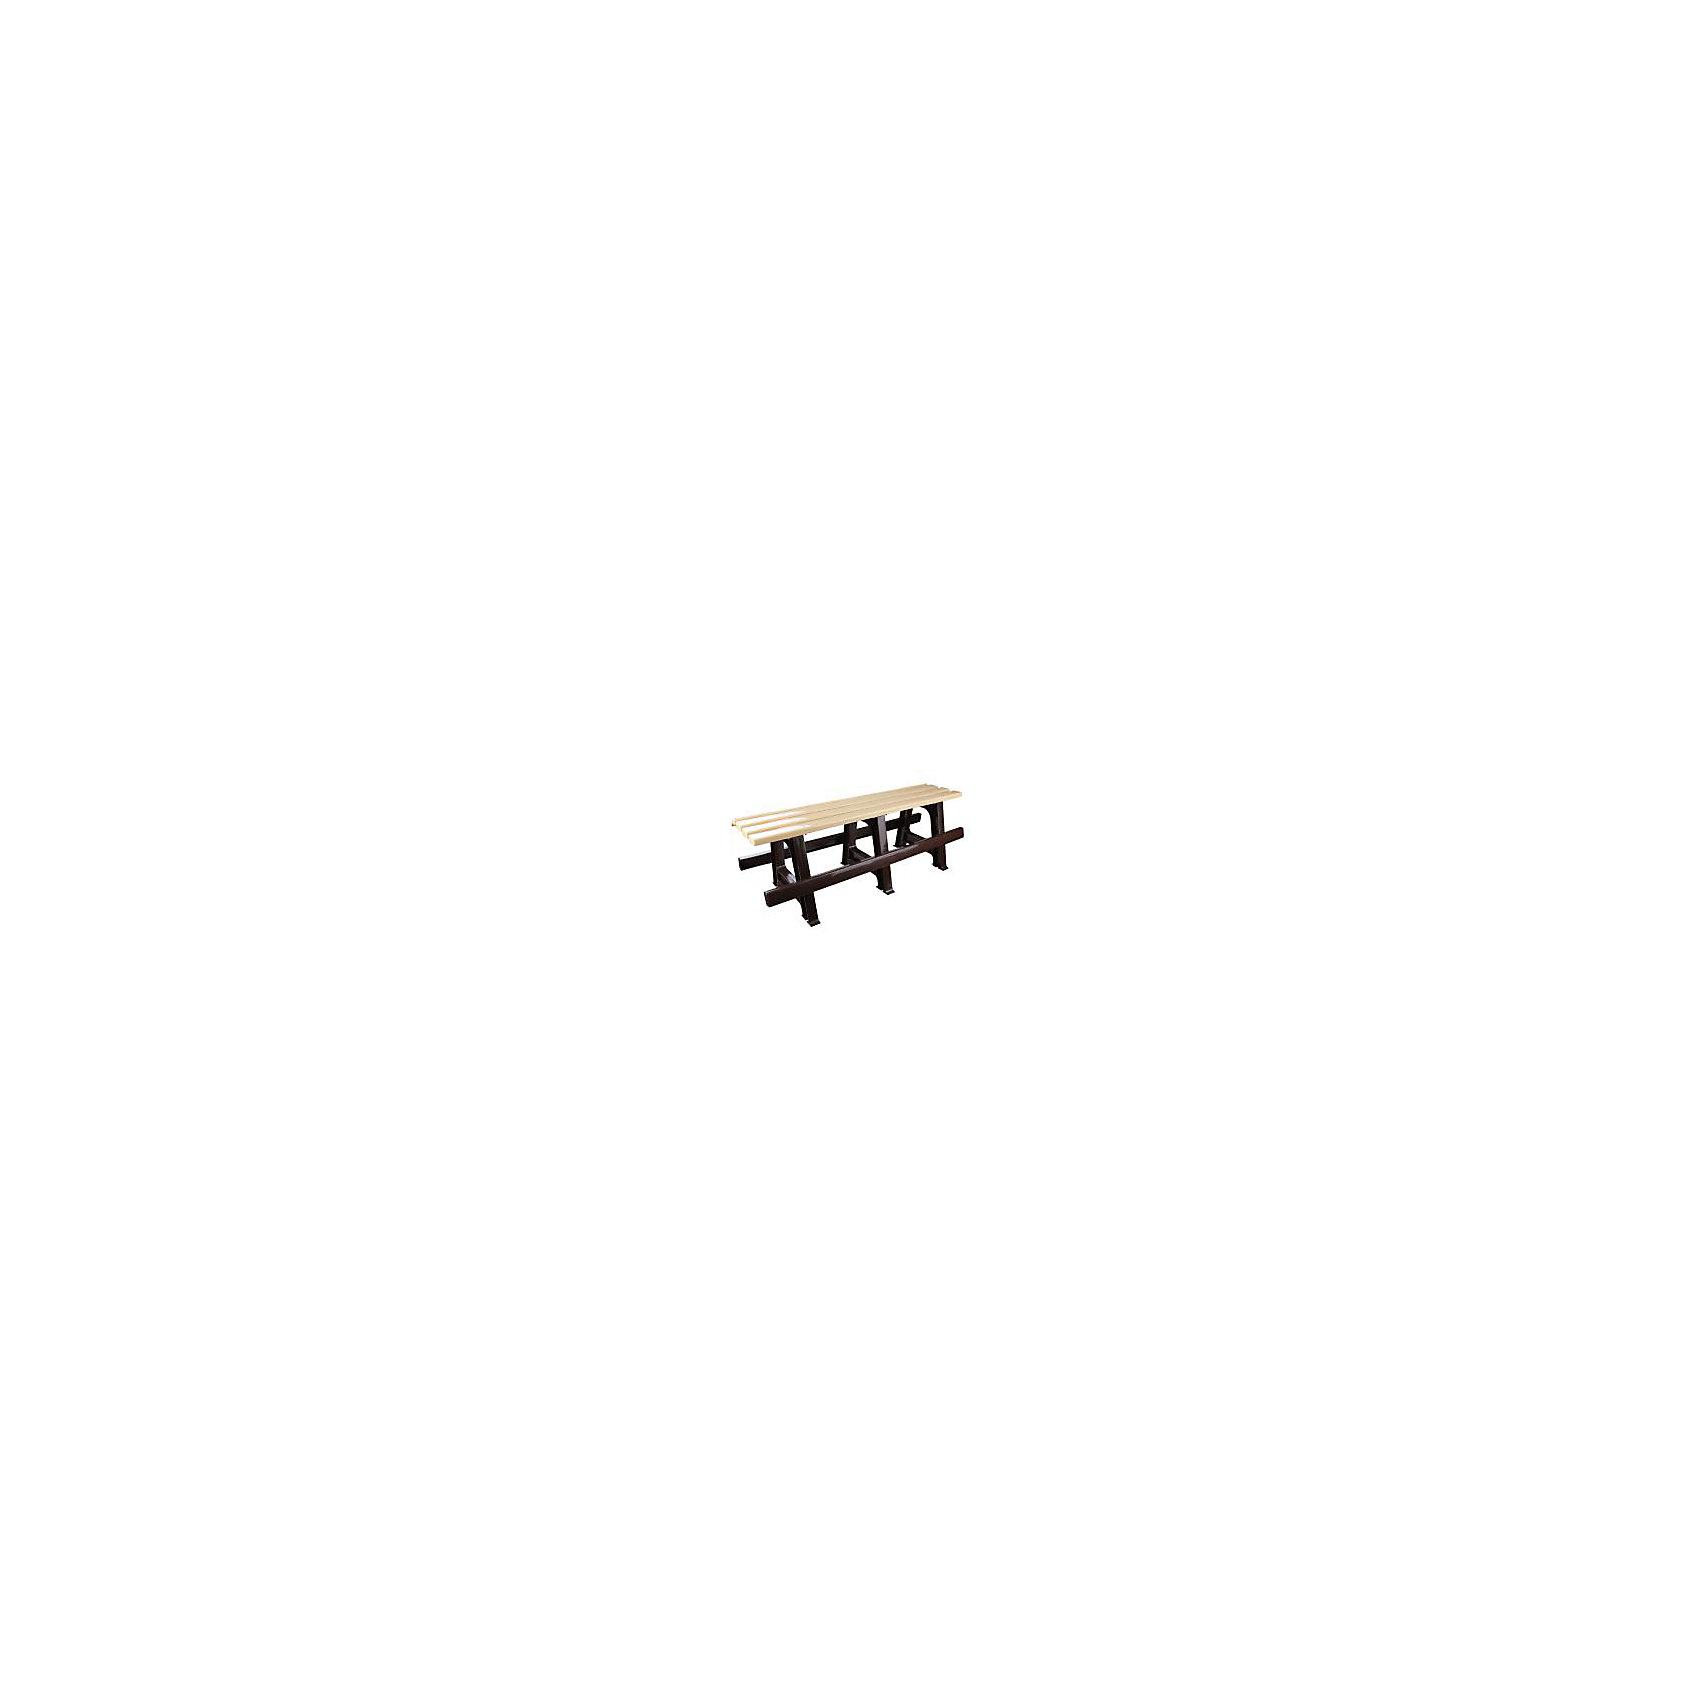 Скамейка 120х40х42, Alternativa, бежевый-коричневыйМебель<br>Скамейка 120х40х42, Alternativa (Альтернатива), бежевый-коричневый<br><br>Характеристики<br><br>• приятный дизайн<br>• хорошая устойчивость<br>• легко мыть<br>• материал: пластик<br>• цвет: бежевый-коричневый<br>• размер 120х40х42 см<br>• вес: 4,79 кг<br><br>Скамейка от российского производителя Альтернатива очень удобна и неприхотлива в уходе. Она изготовлена из прочного качественного пластика, обладающего хорошей износостойкостью. Скамейка легко собирается, ее очень удобно мыть. Контрастный дизайн скамейки хорошо дополнит любой интерьер.<br><br>Скамейку 120х40х42, Alternativa (Альтернатива), бежевый-коричневый вы можете купить в нашем интернет-магазине.<br><br>Ширина мм: 1200<br>Глубина мм: 400<br>Высота мм: 400<br>Вес г: 4790<br>Возраст от месяцев: 216<br>Возраст до месяцев: 1188<br>Пол: Унисекс<br>Возраст: Детский<br>SKU: 5475654